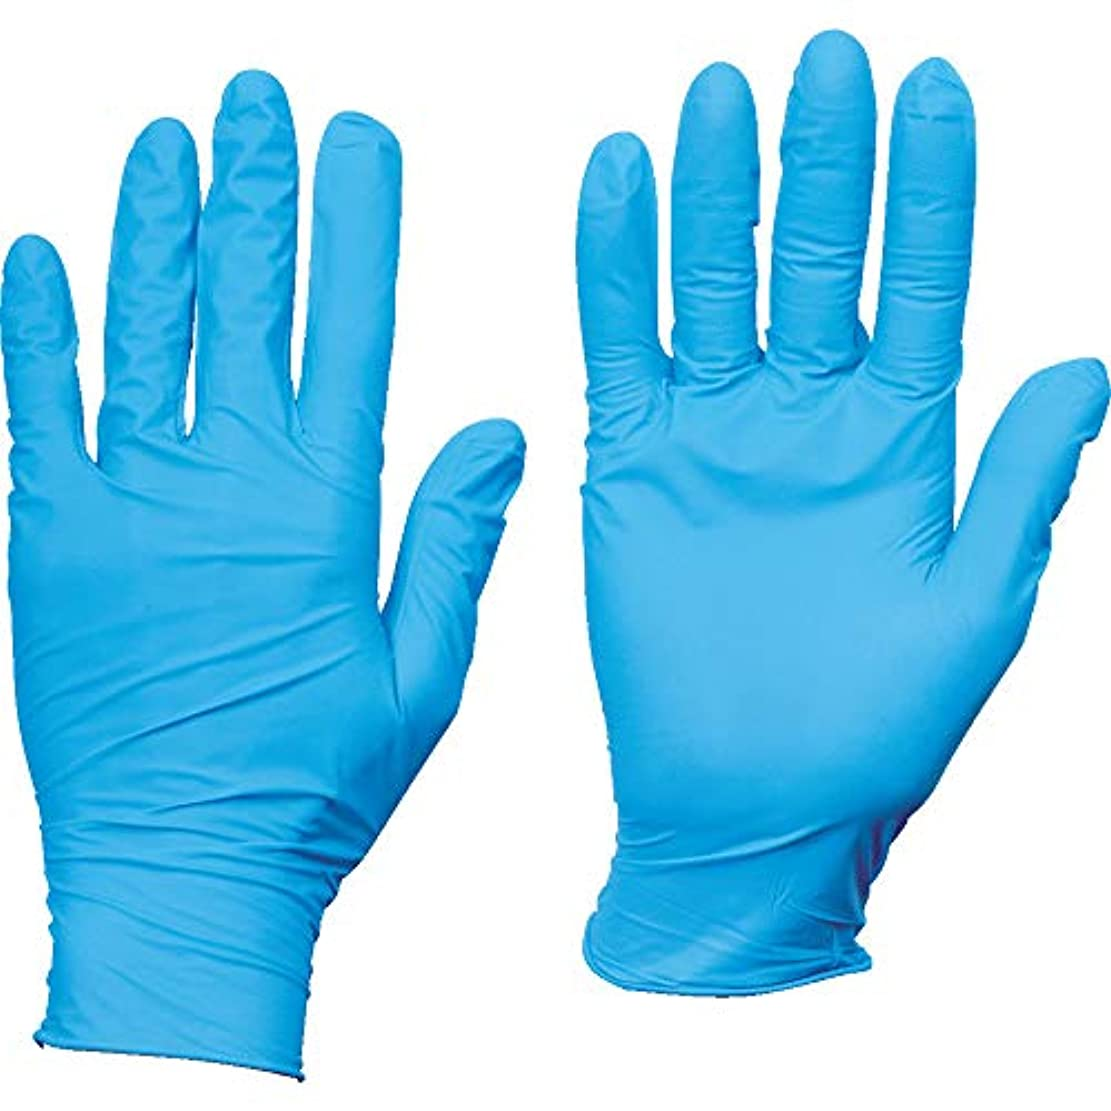 複数分泌する弾性TRUSCO(トラスコ) 10箱入り使い捨てニトリル手袋TGスタンダード0.08粉無青M TGNN08BM10C